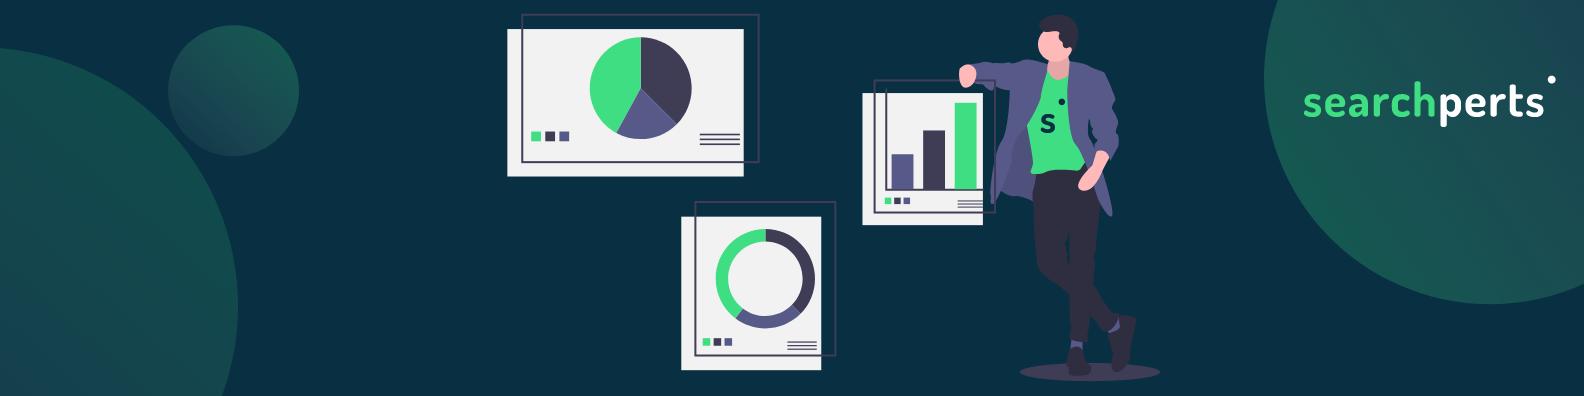 searchperts-online-marketing-designberatung-markenstratedie